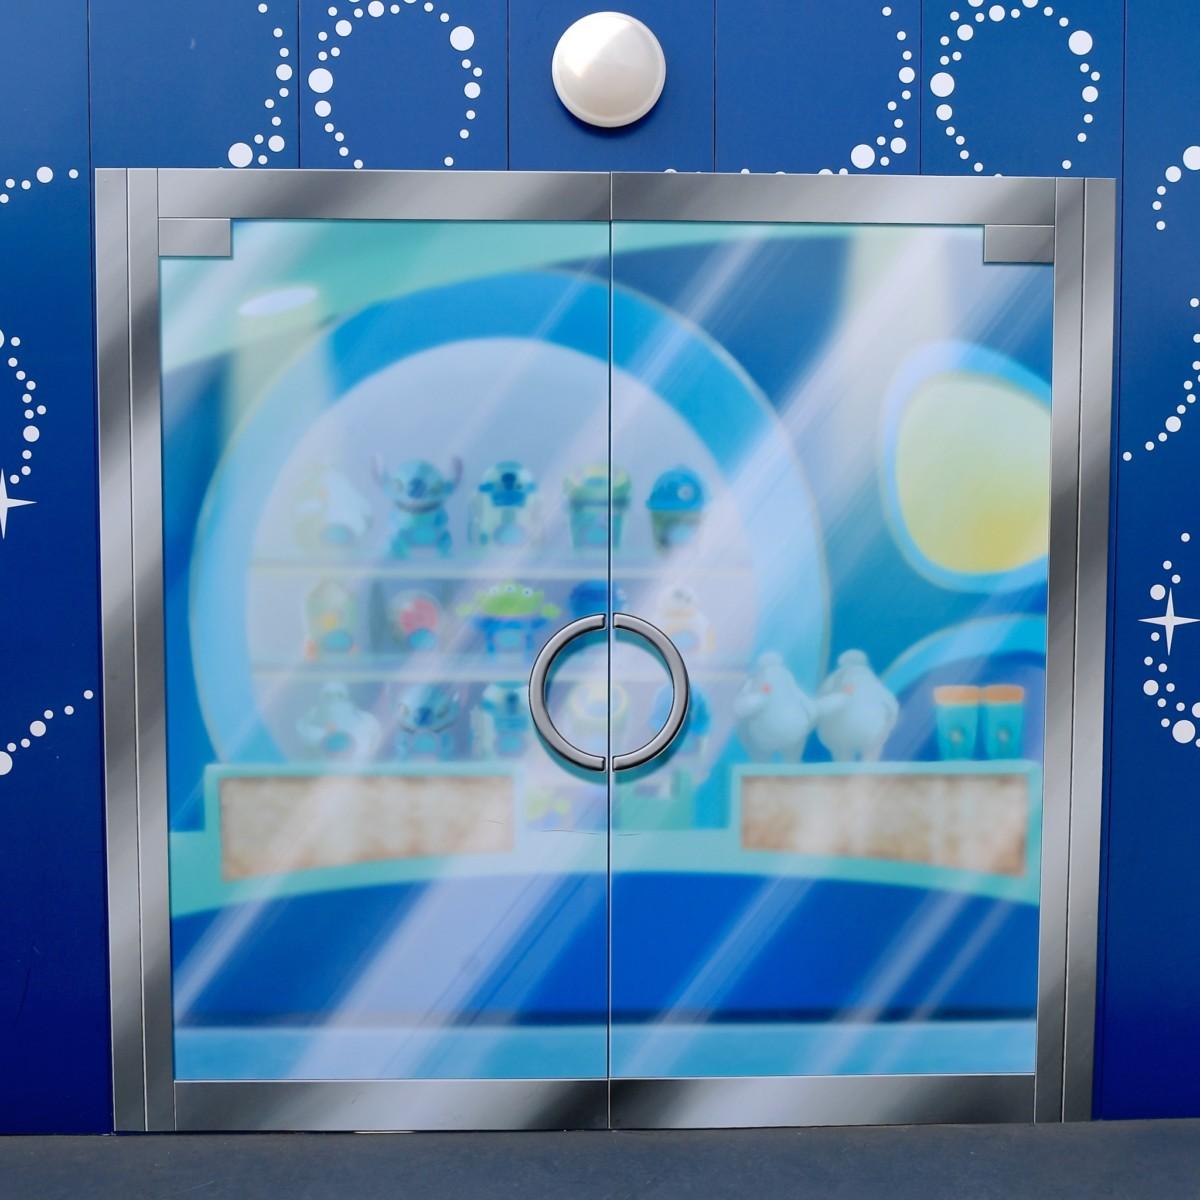 「ビッグホップ」の扉